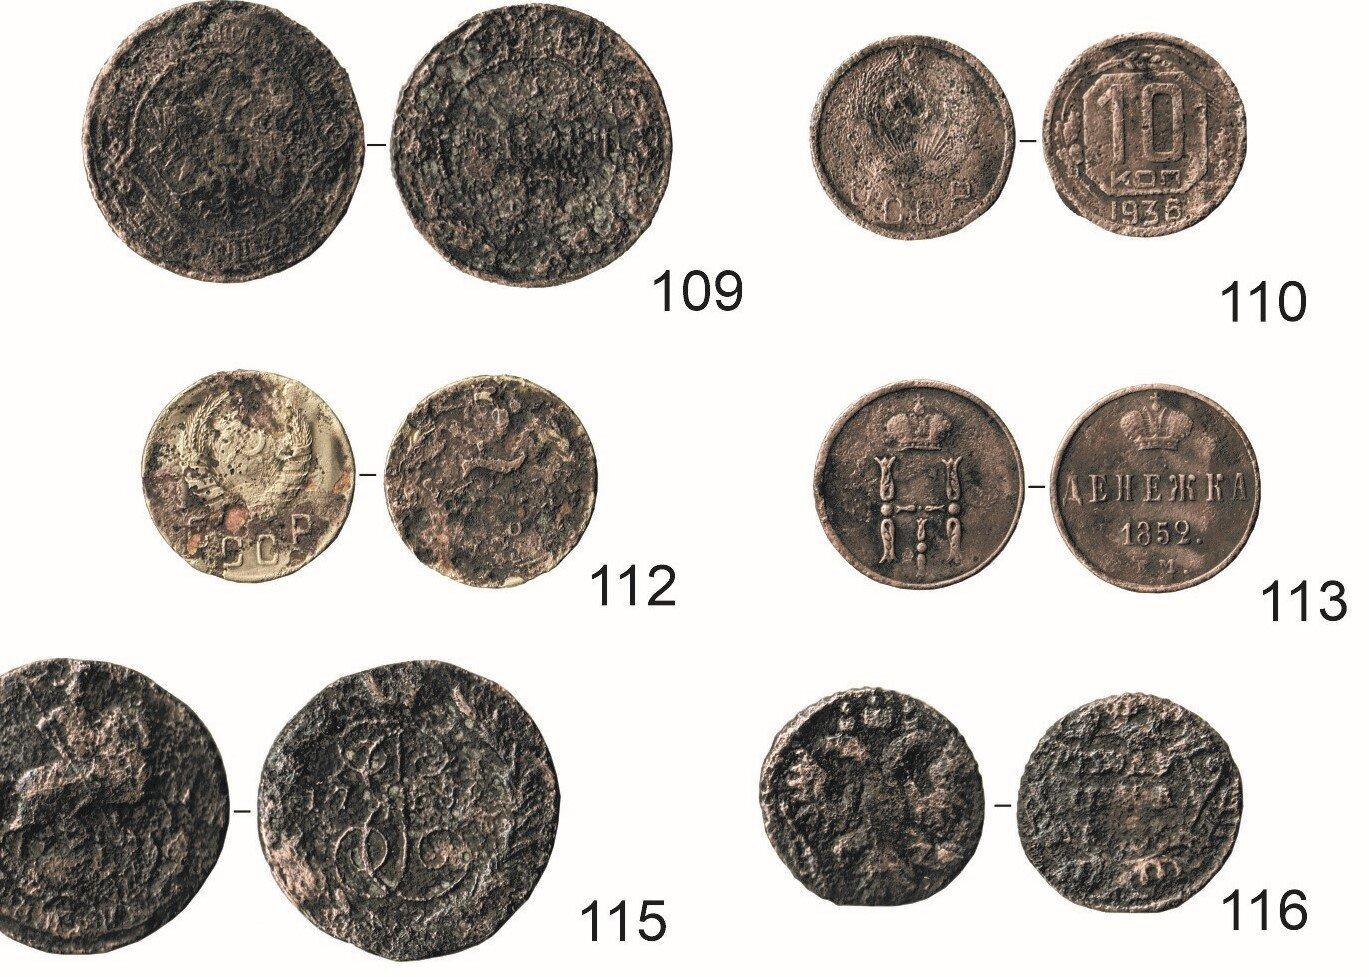 Монеты периода правления Елизаветы Петровны, Екатерины II, Павла I, Николая I, Николая II, а также серия довоенных советских монет